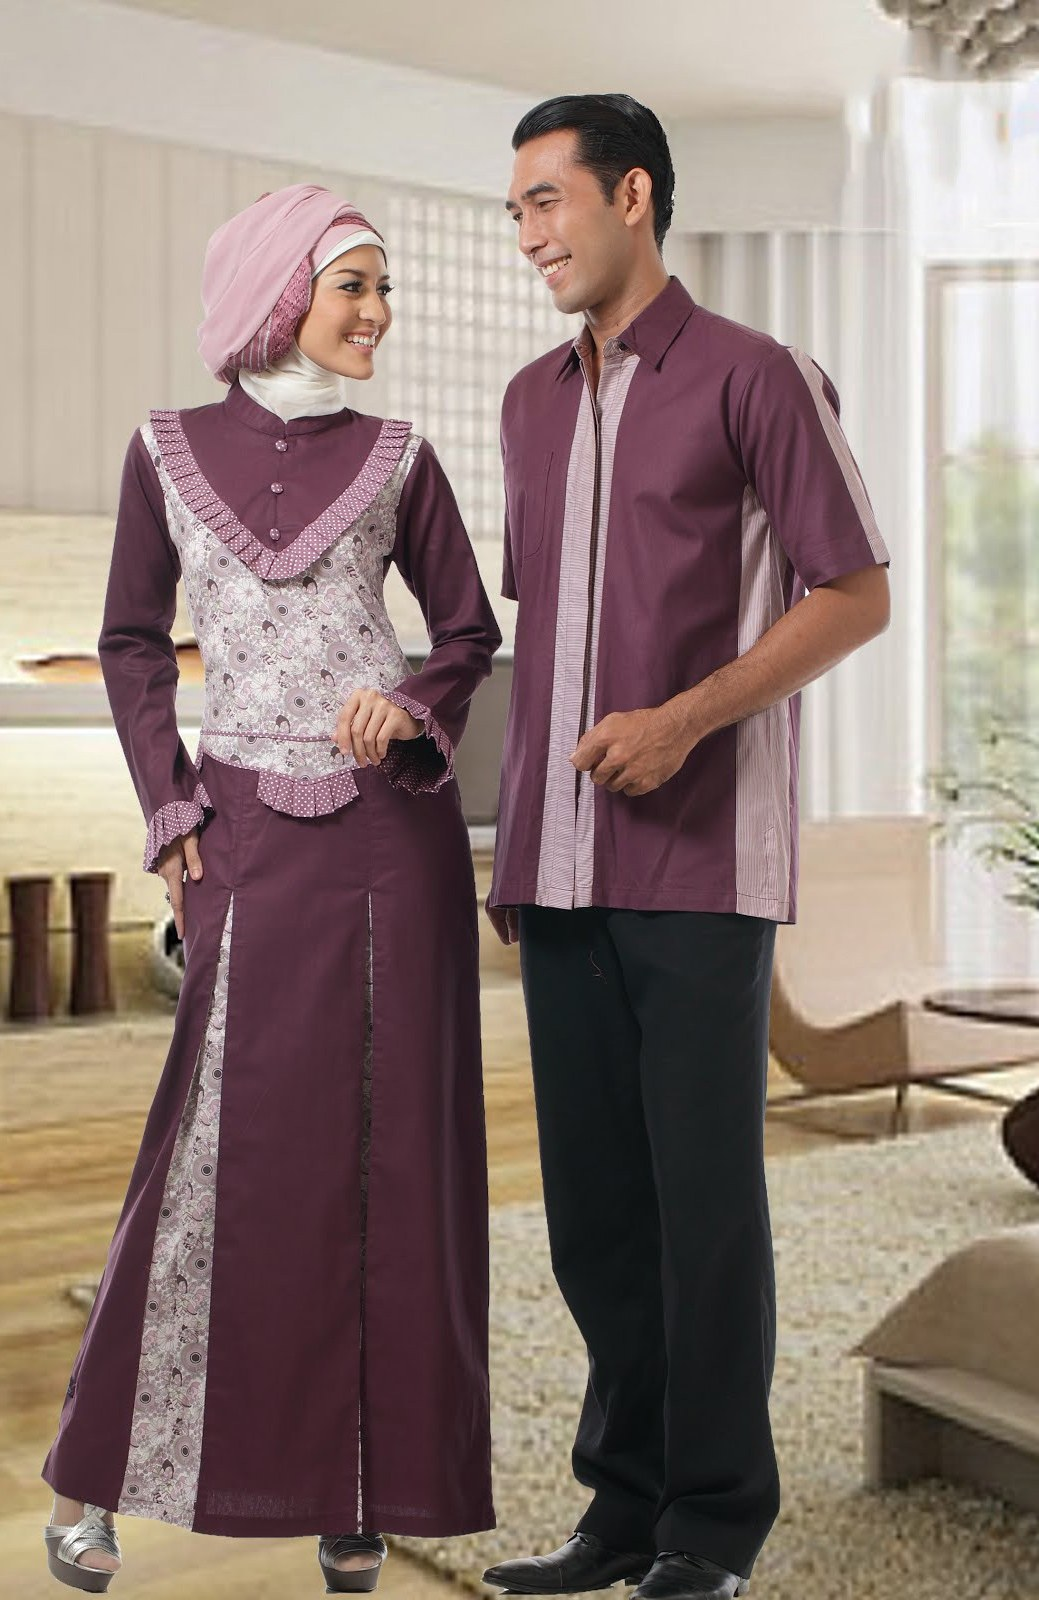 Inspirasi Baju Lebaran Sarimbit Wddj Kumpulan Model Baju Batik Lebaran 2013 Terbaru Terpercaya